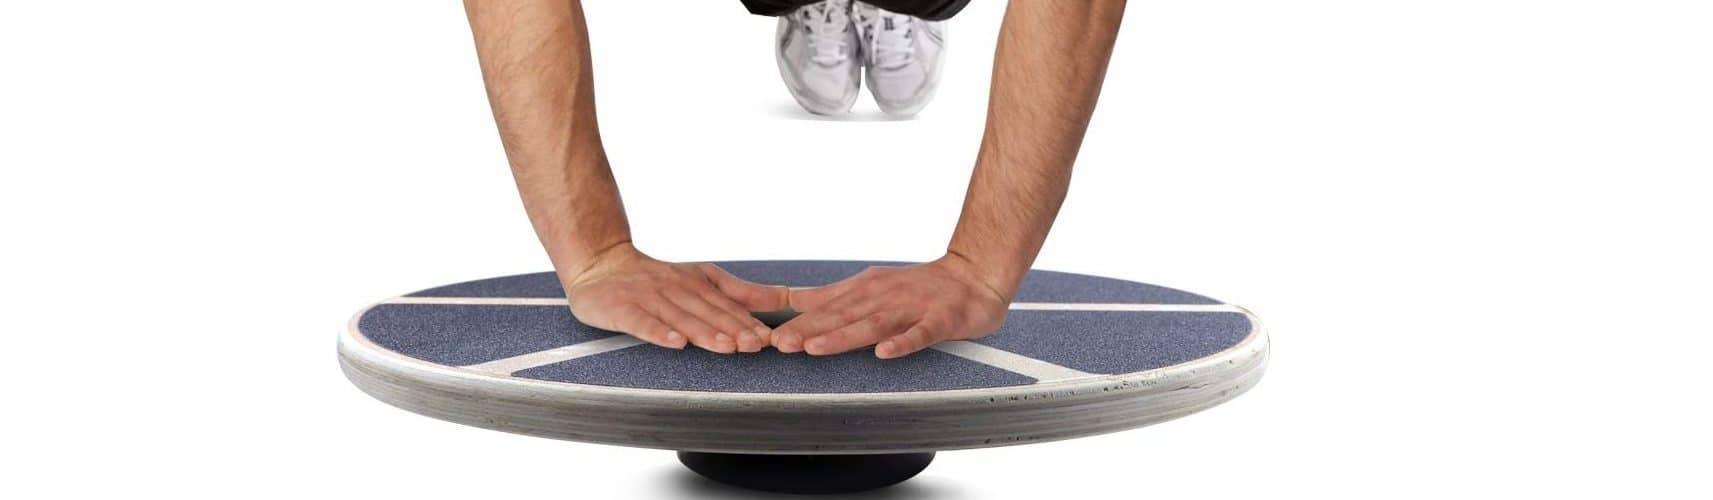 meilleure planche d'équilibre